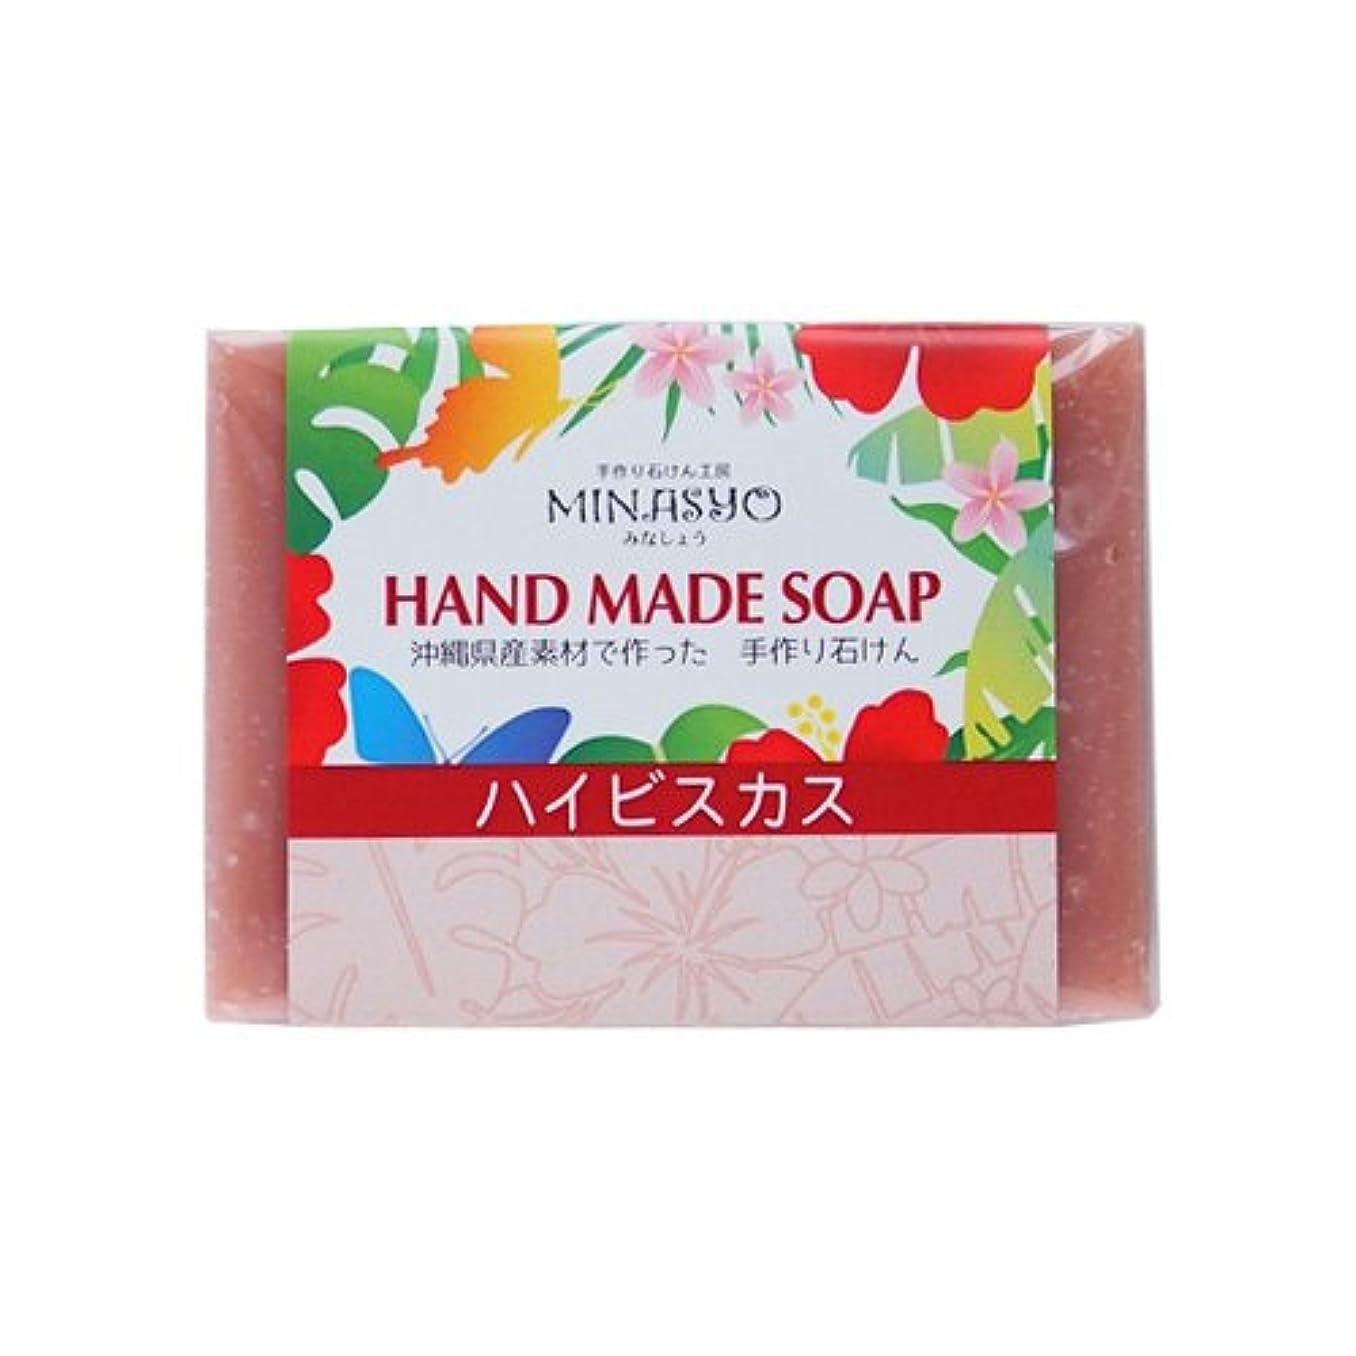 航空機ボイラーひそかにピンククレイ 洗顔石鹸 無添加 固形 毛穴ケア 手作りローゼル石鹸